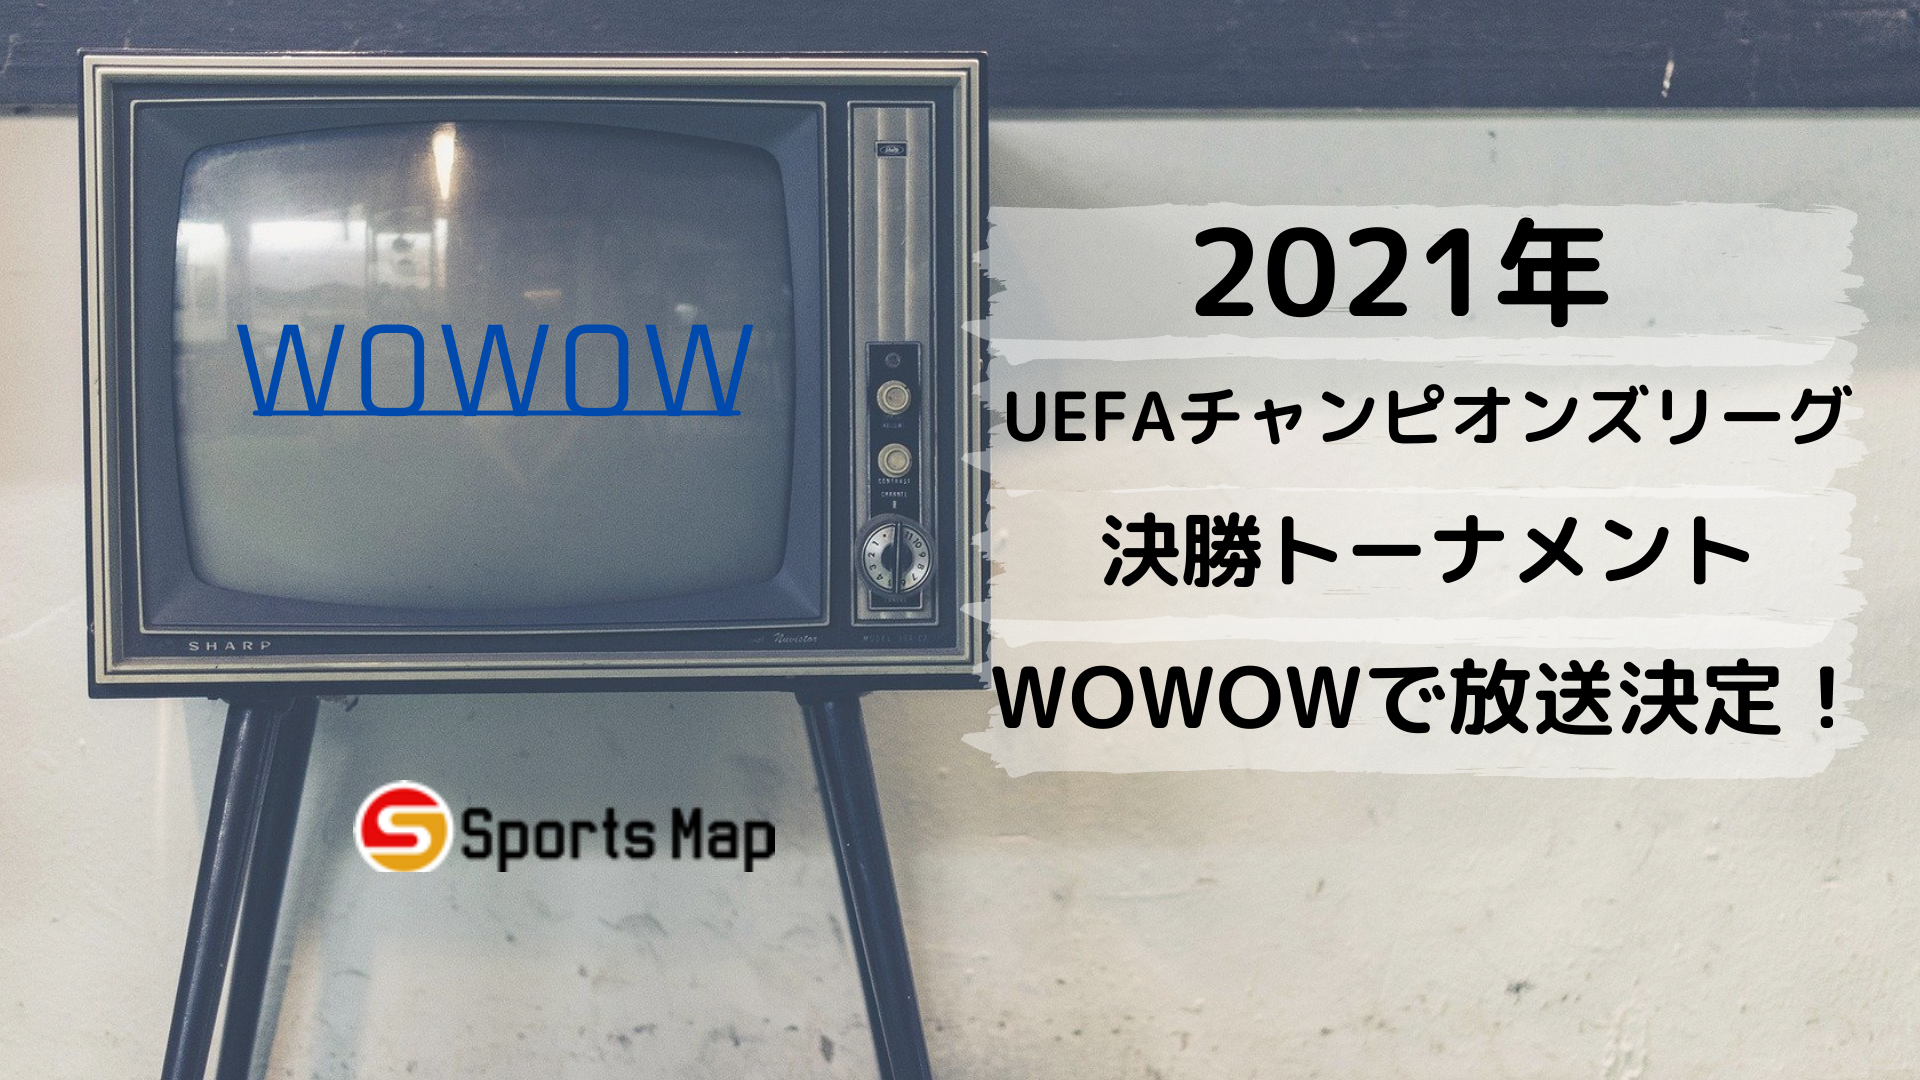 2021年チャンピオンズリーグはWOWOW独占決定